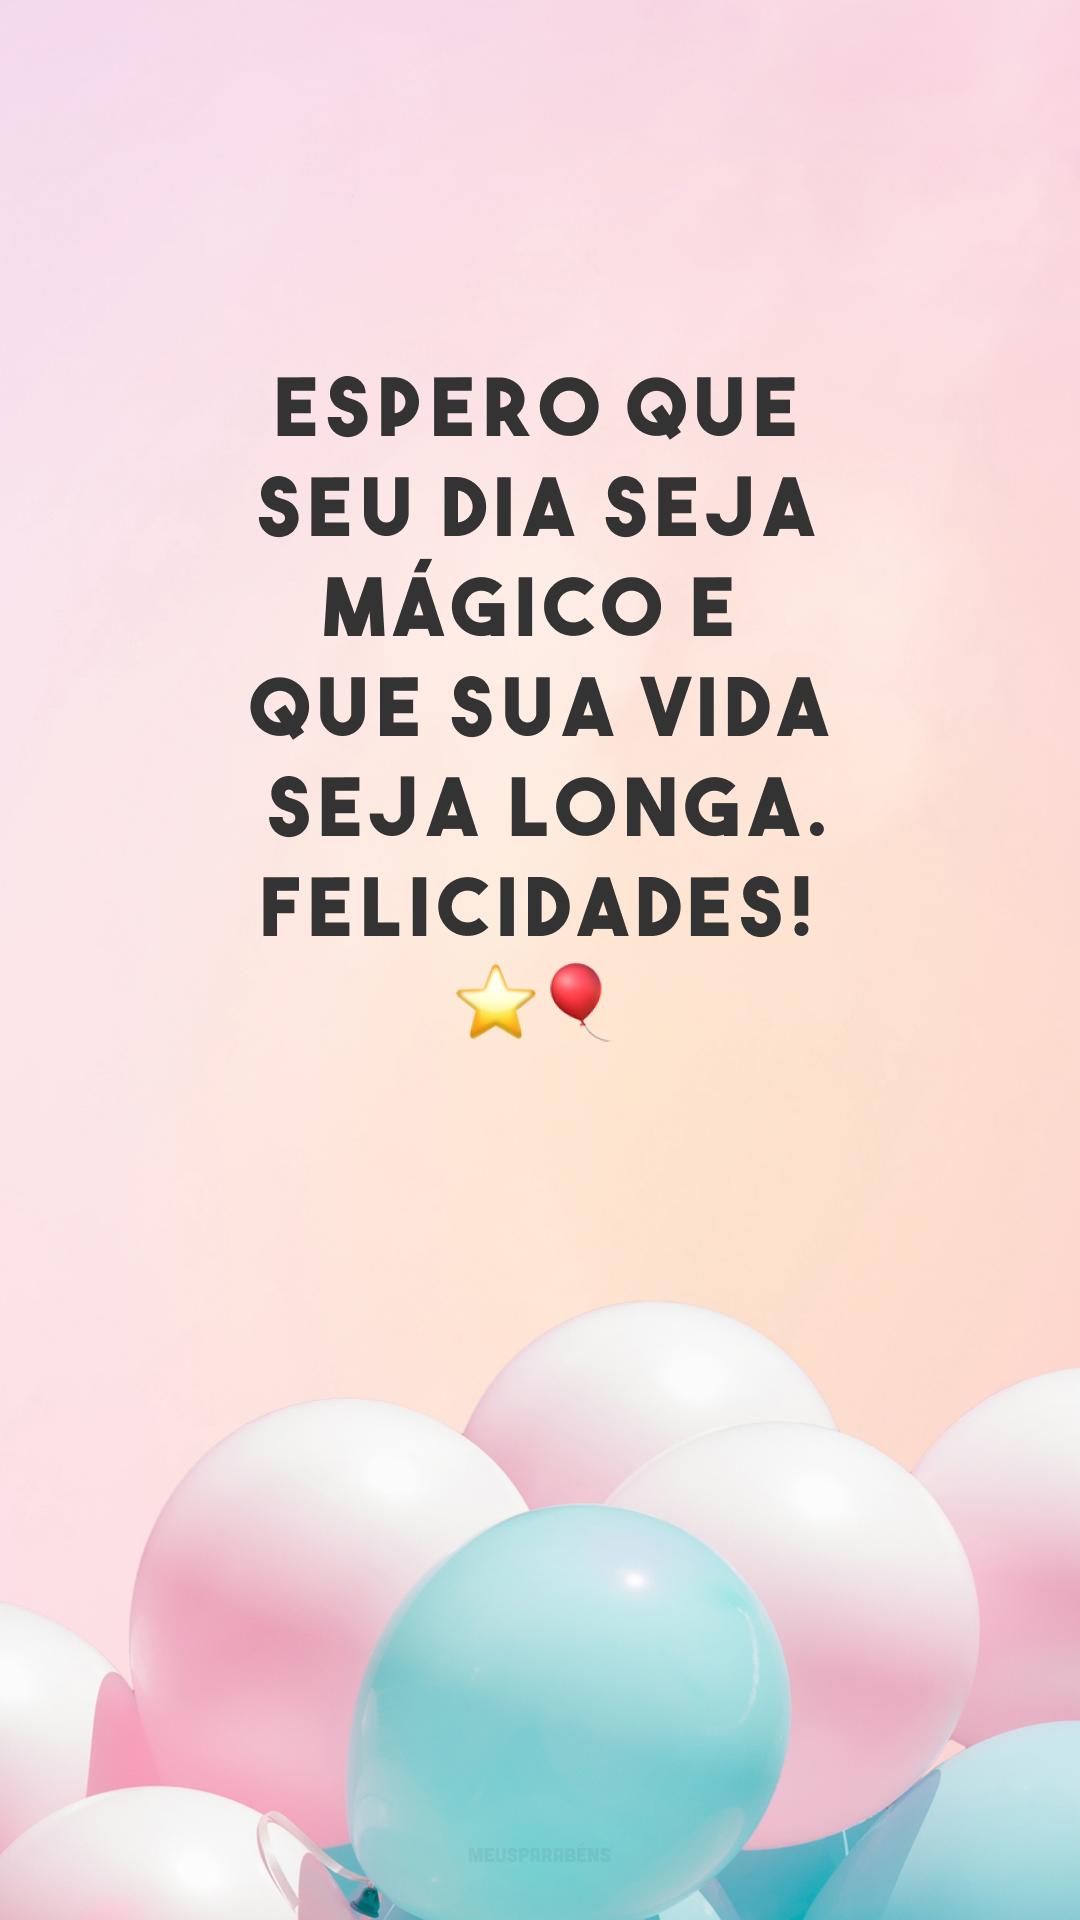 Espero que seu dia seja mágico e que sua vida seja longa. Felicidades! ⭐🎈